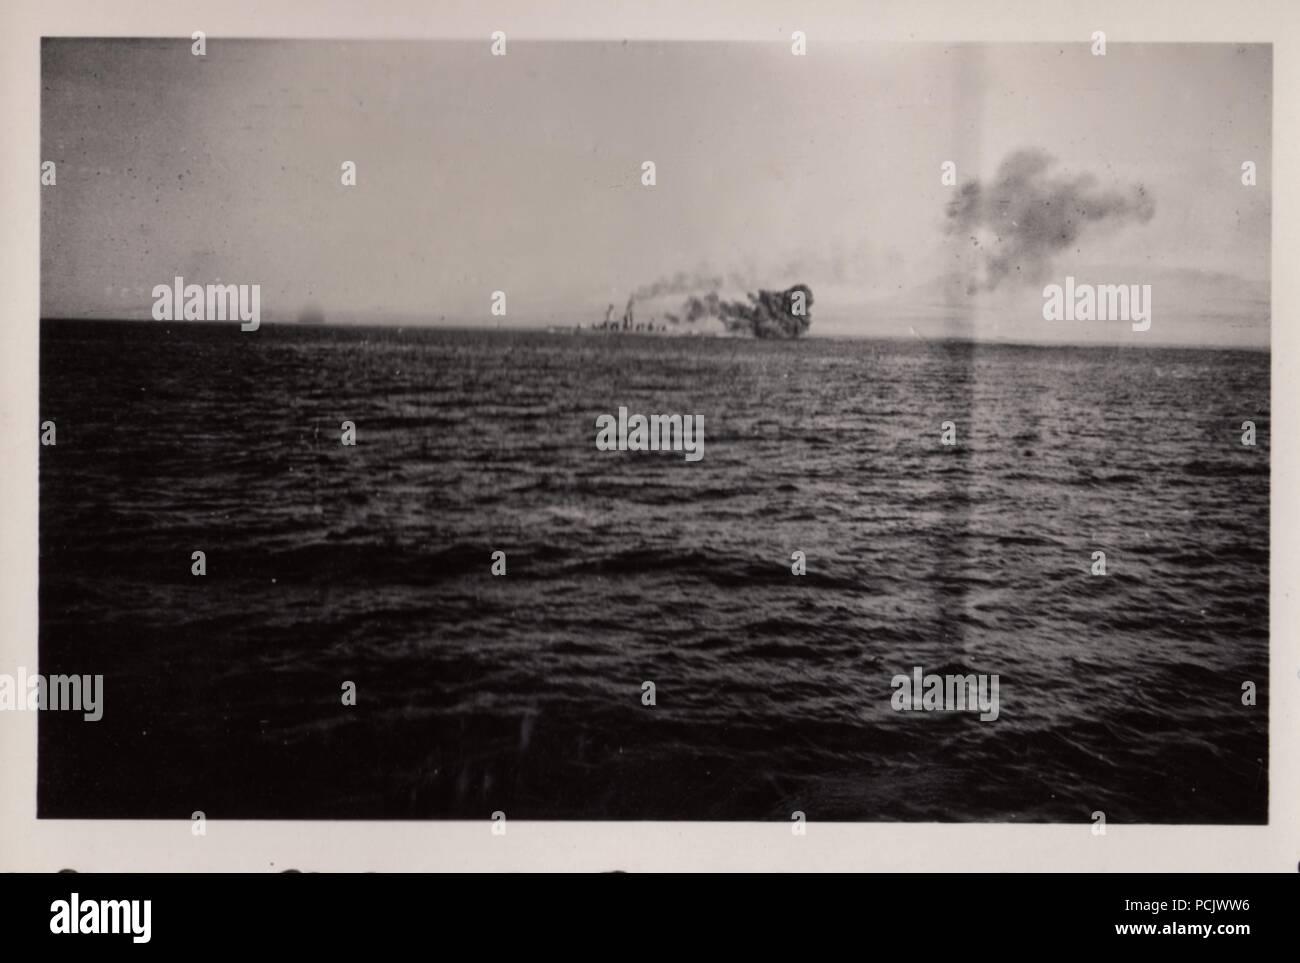 Bild aus dem Fotoalbum von Oberfänrich Wilhelm Gaul - Die deutsche Heavy Cruiser Deutschland unter Luft Angriff durch die spanischen Republikaner Flugzeuge am 29. Mai 1937. Ihre Bomben verursacht große Brände auf Deutschland, 31 Seeleute getötet und verletzt 74. Stockbild